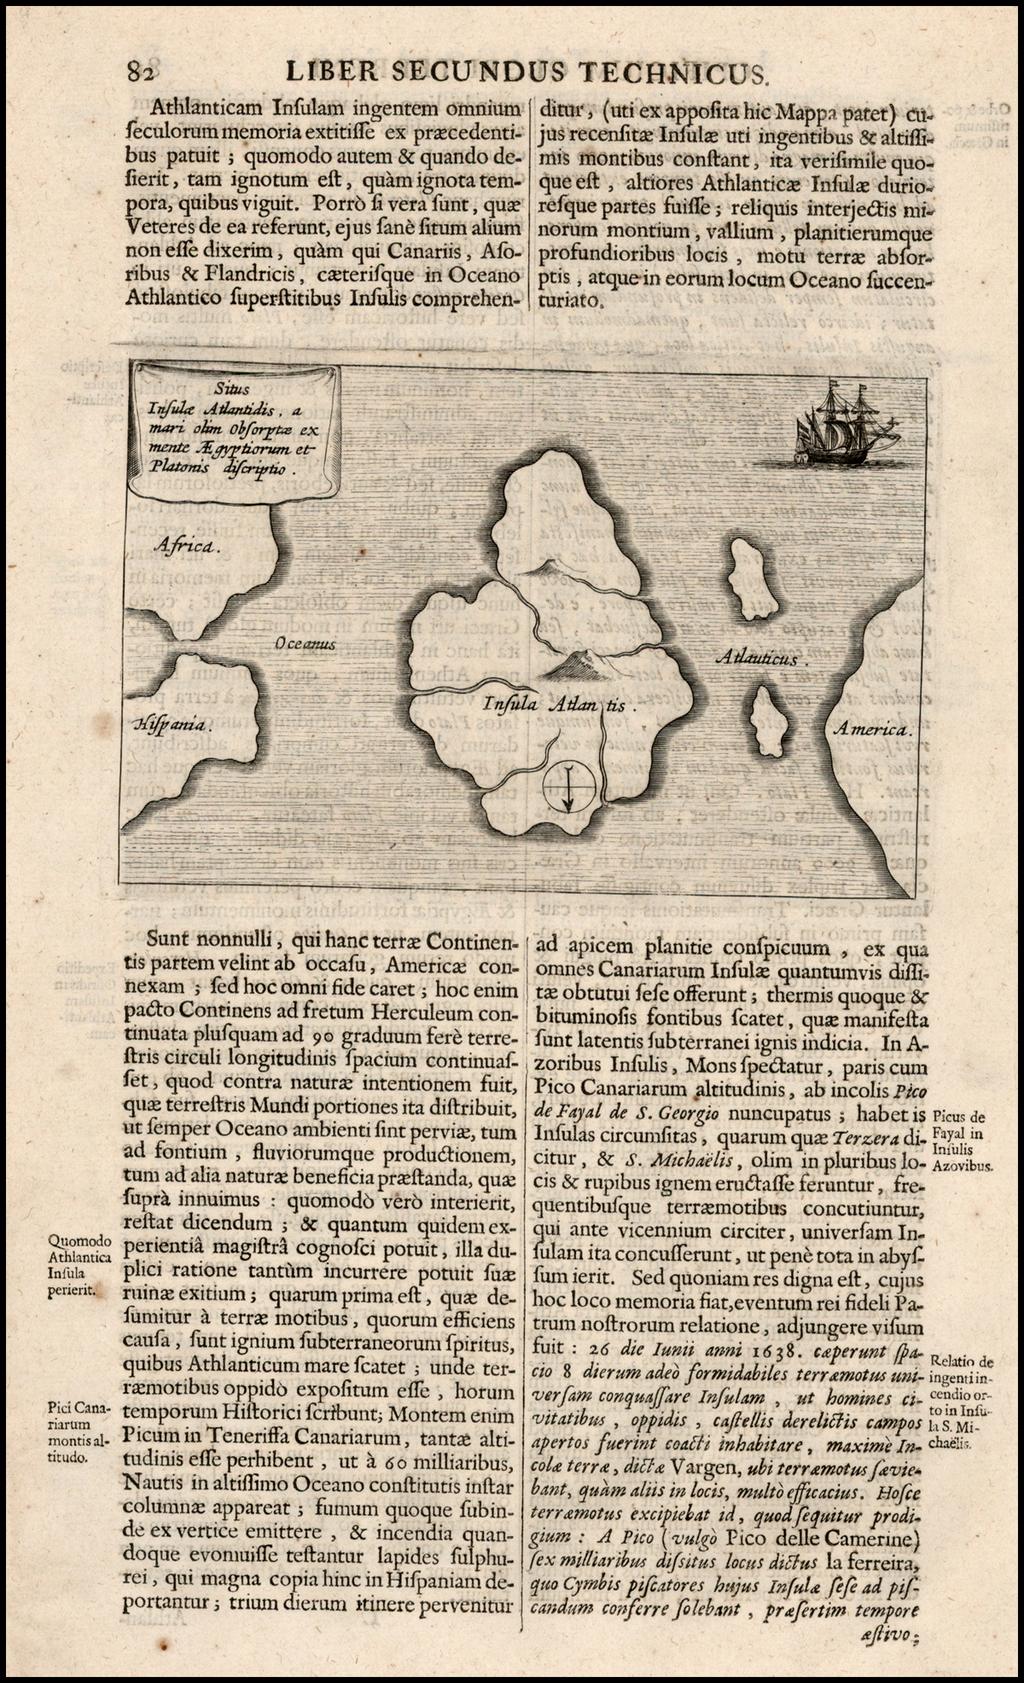 [Map of the lost island of Atlantis]  Situs Insulae Atlantidis, a mari olim obsorptae ex mente Aegyptiorum et Platonis discriptio By Athanasius Kircher